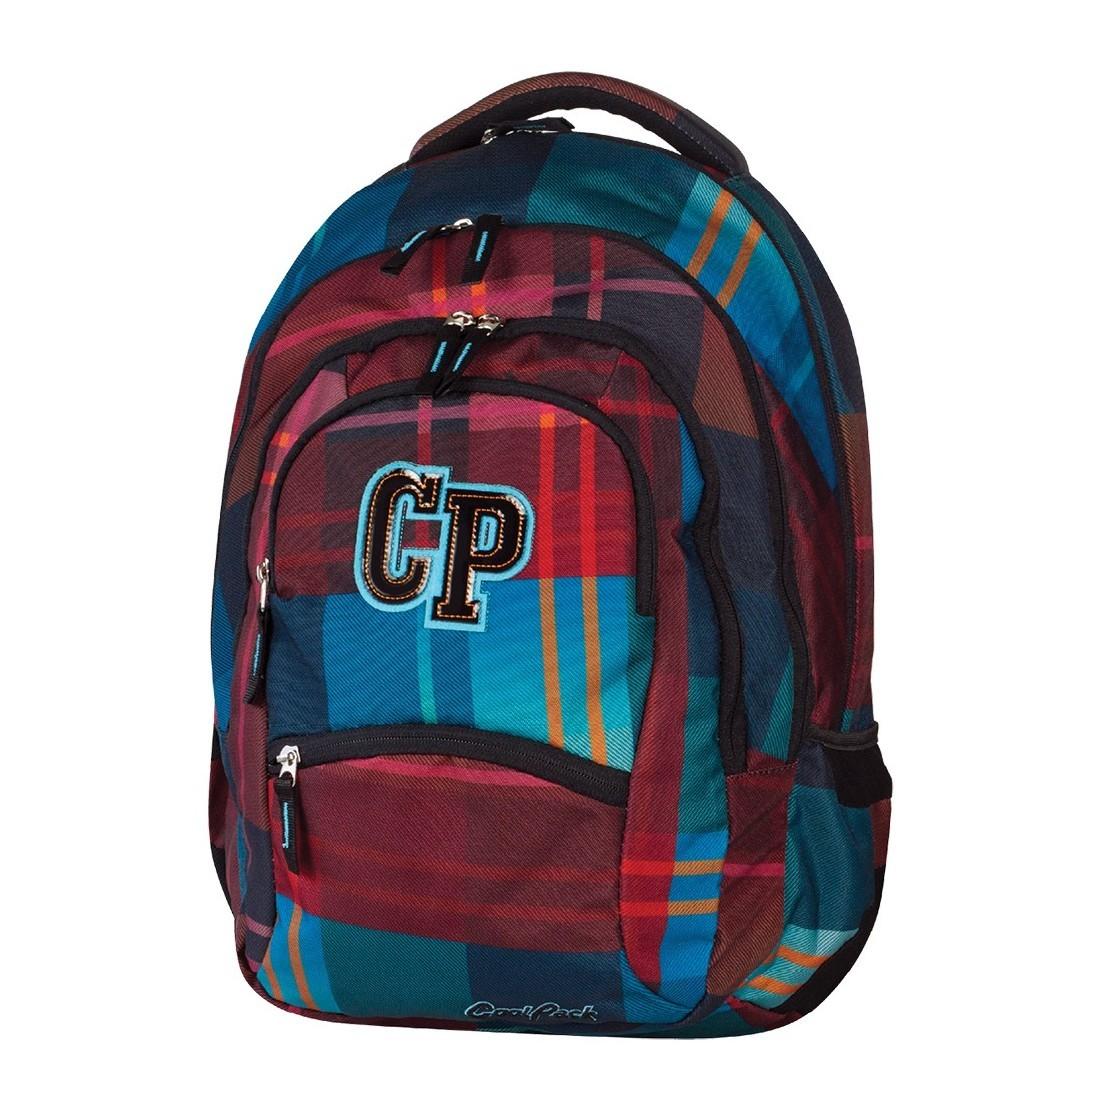 Plecak młodzieżowy CoolPack CP bordowy i niebieski - 5 przegród COLLEGE MAROON 461 - plecak-tornister.pl